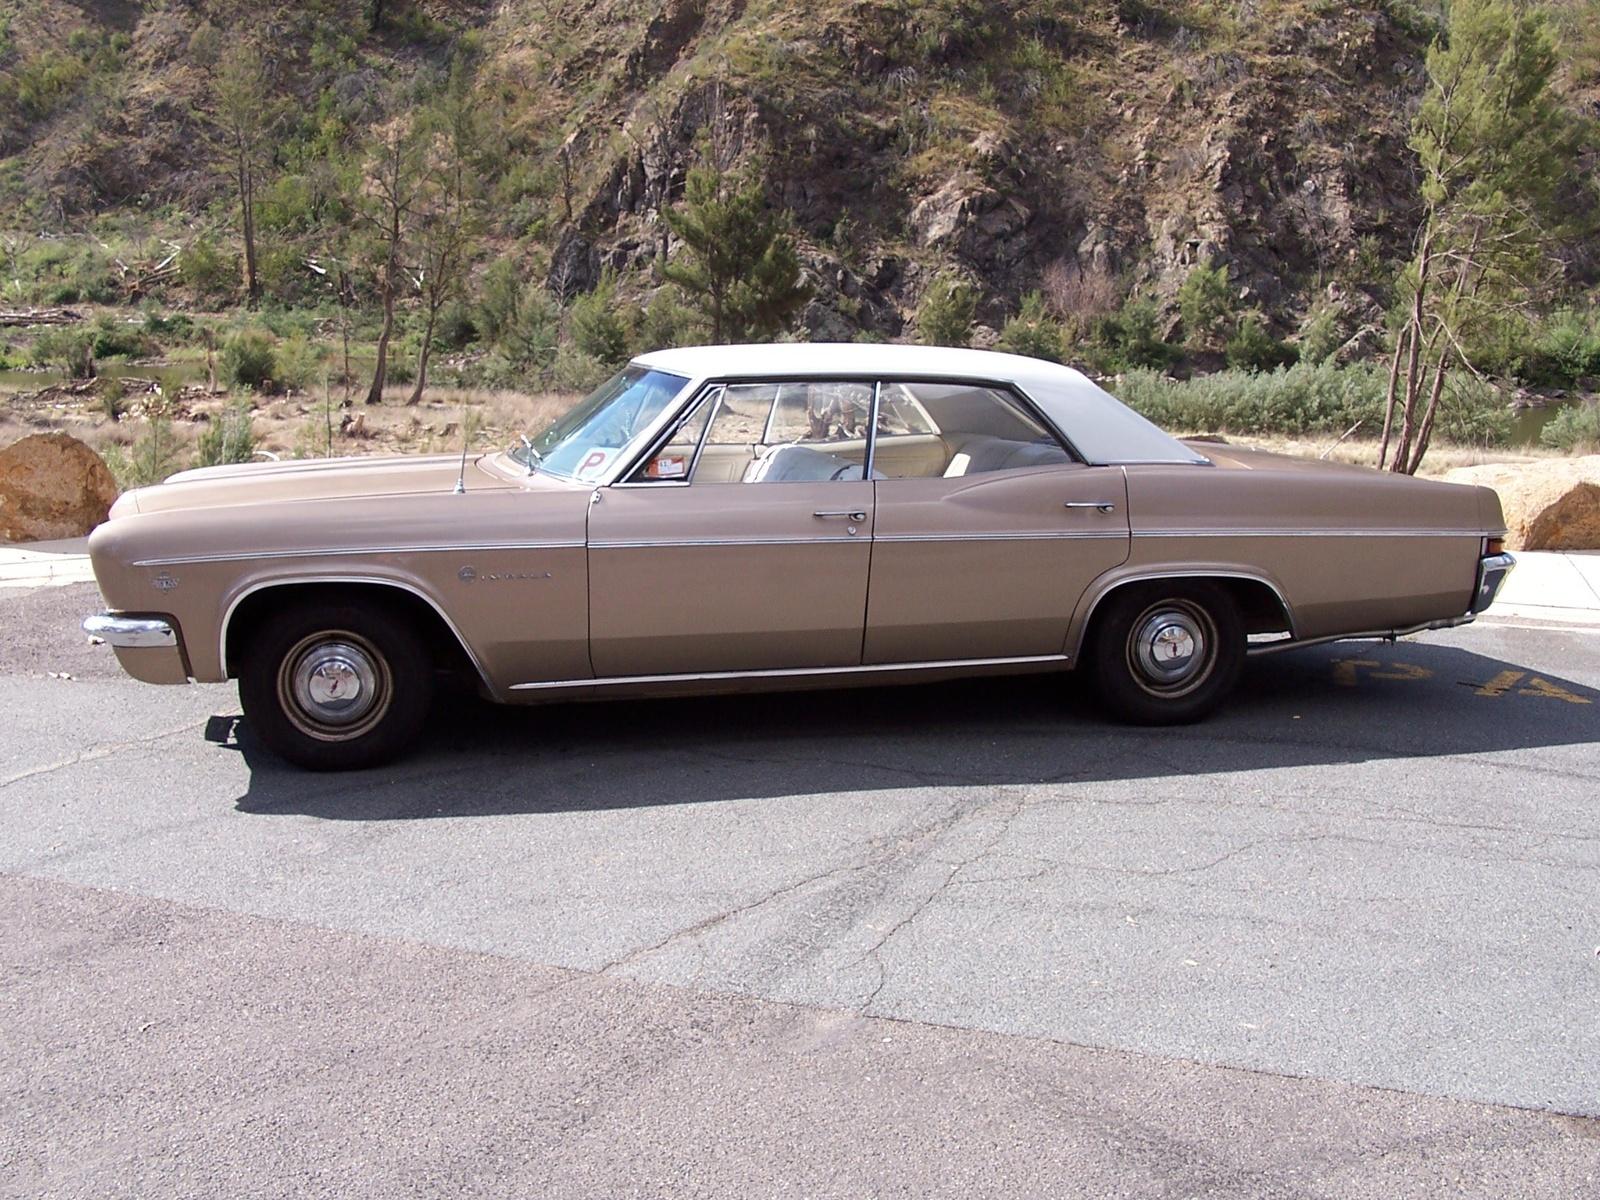 1966 Chevrolet Impala Pictures Cargurus